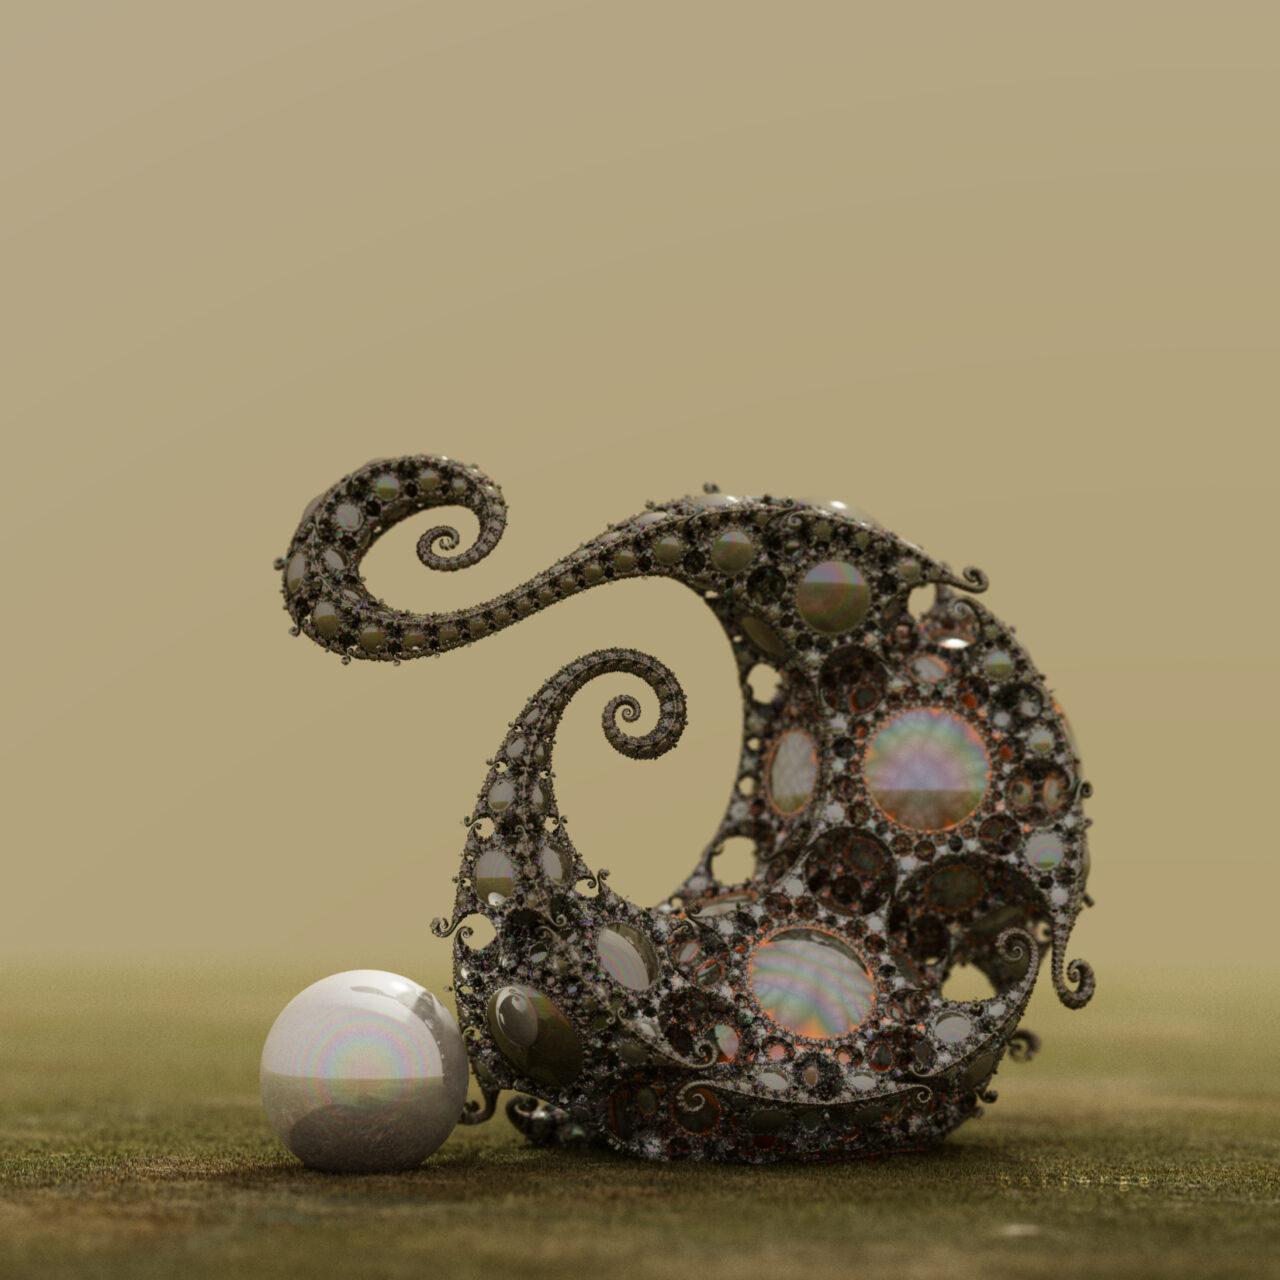 mandelbulber JosLeys-Kleinian V2 sphere